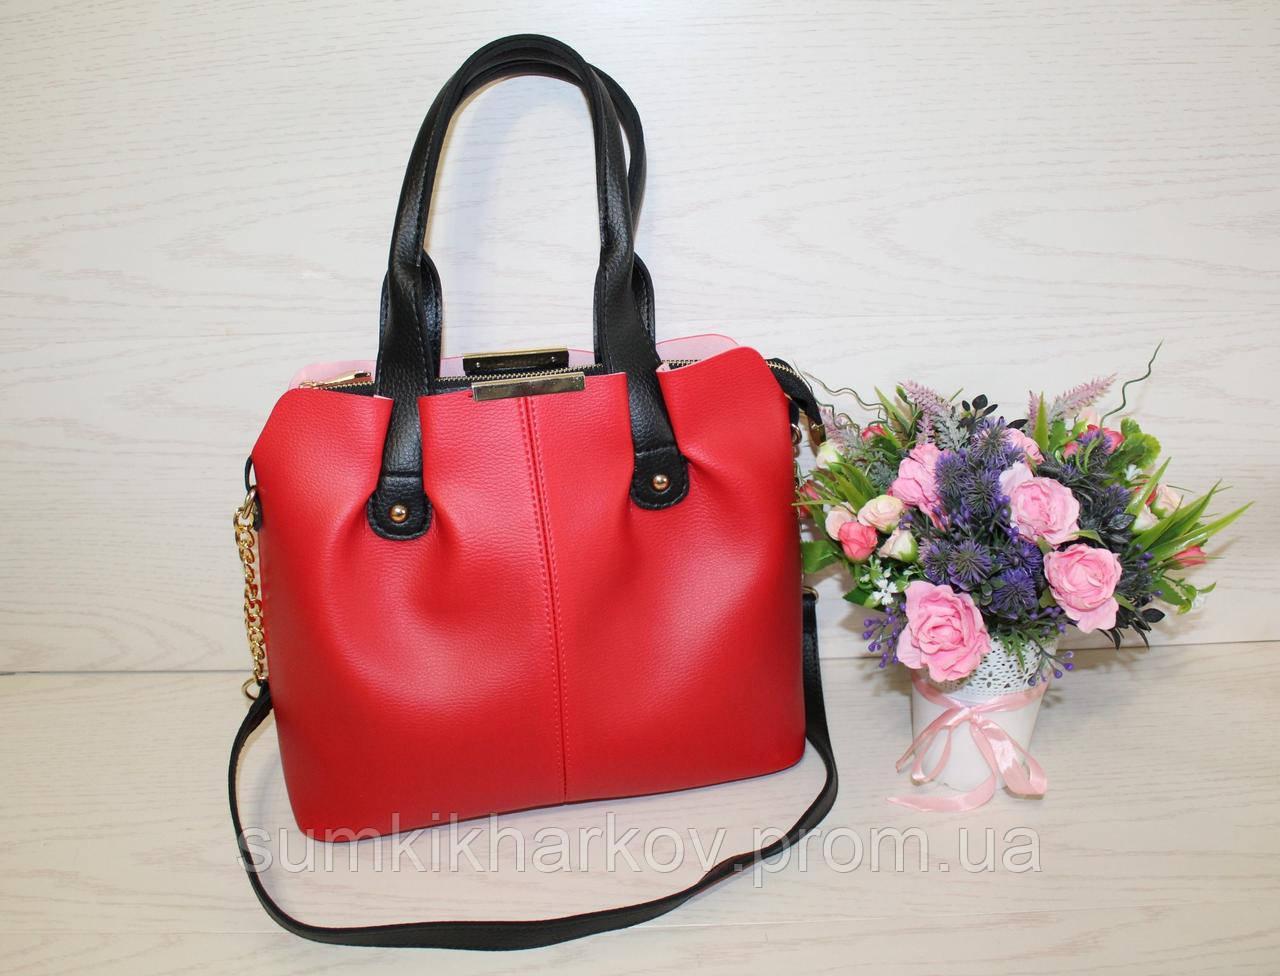 44e86e9f2aec Красная женская сумка три отделения с черными ручками длинным ремешком из  эко ...